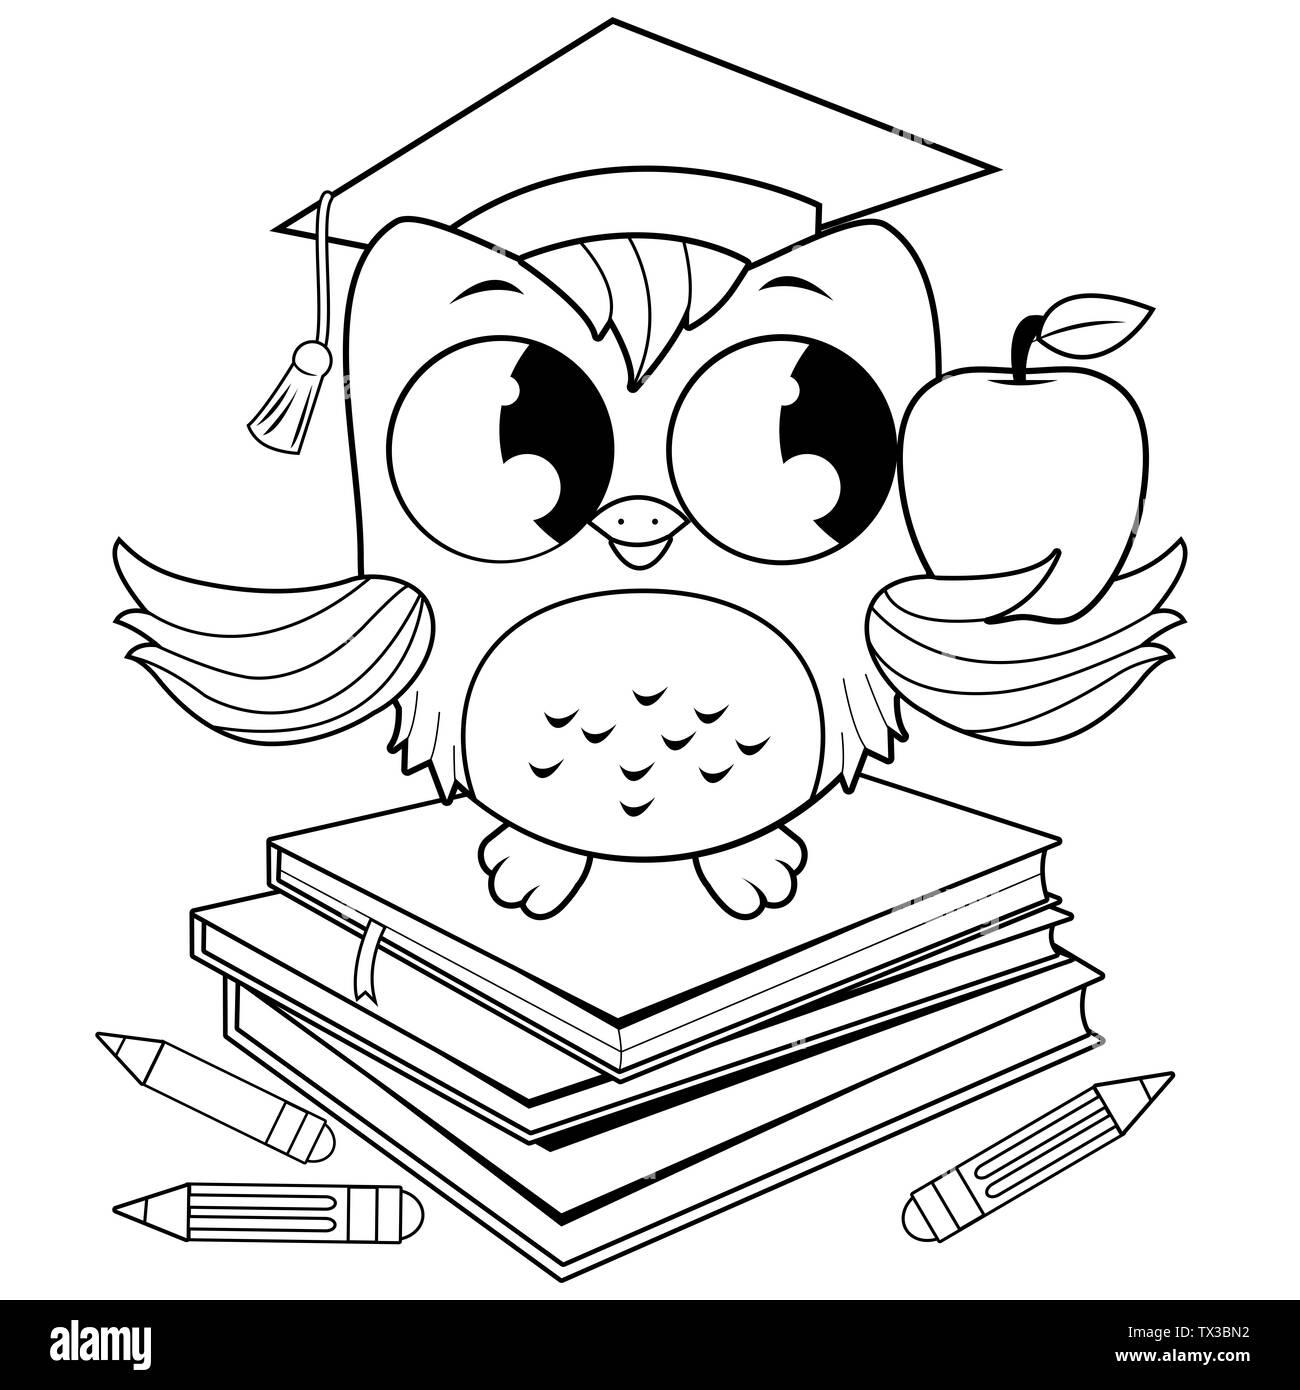 Búho De Dibujos Animados Blanco Y Negro Imágenes De Stock Búho De